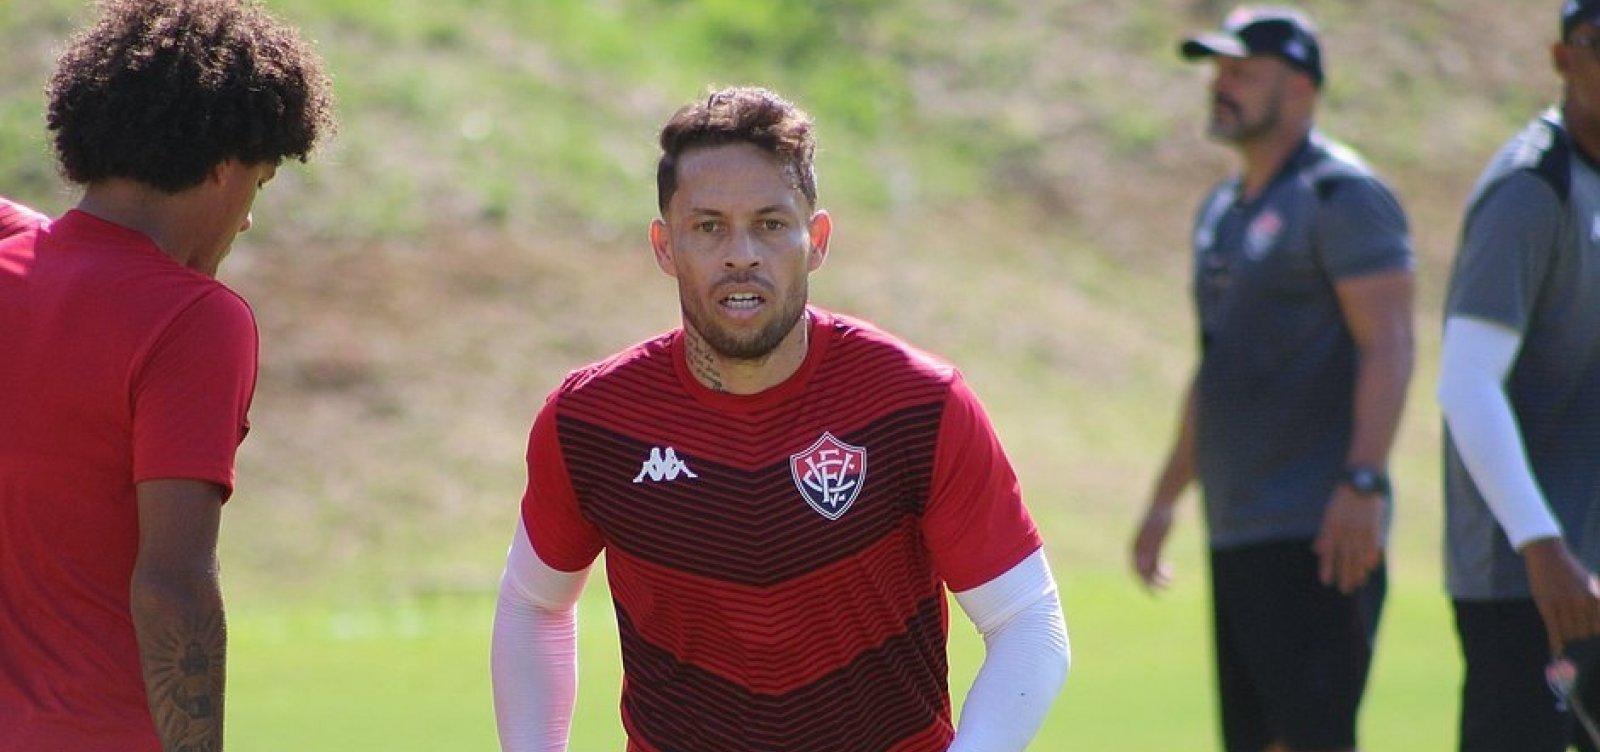 'Dono' da braçadeira de capitão do Vitória, Baraka se recupera de lesão e já pode jogar